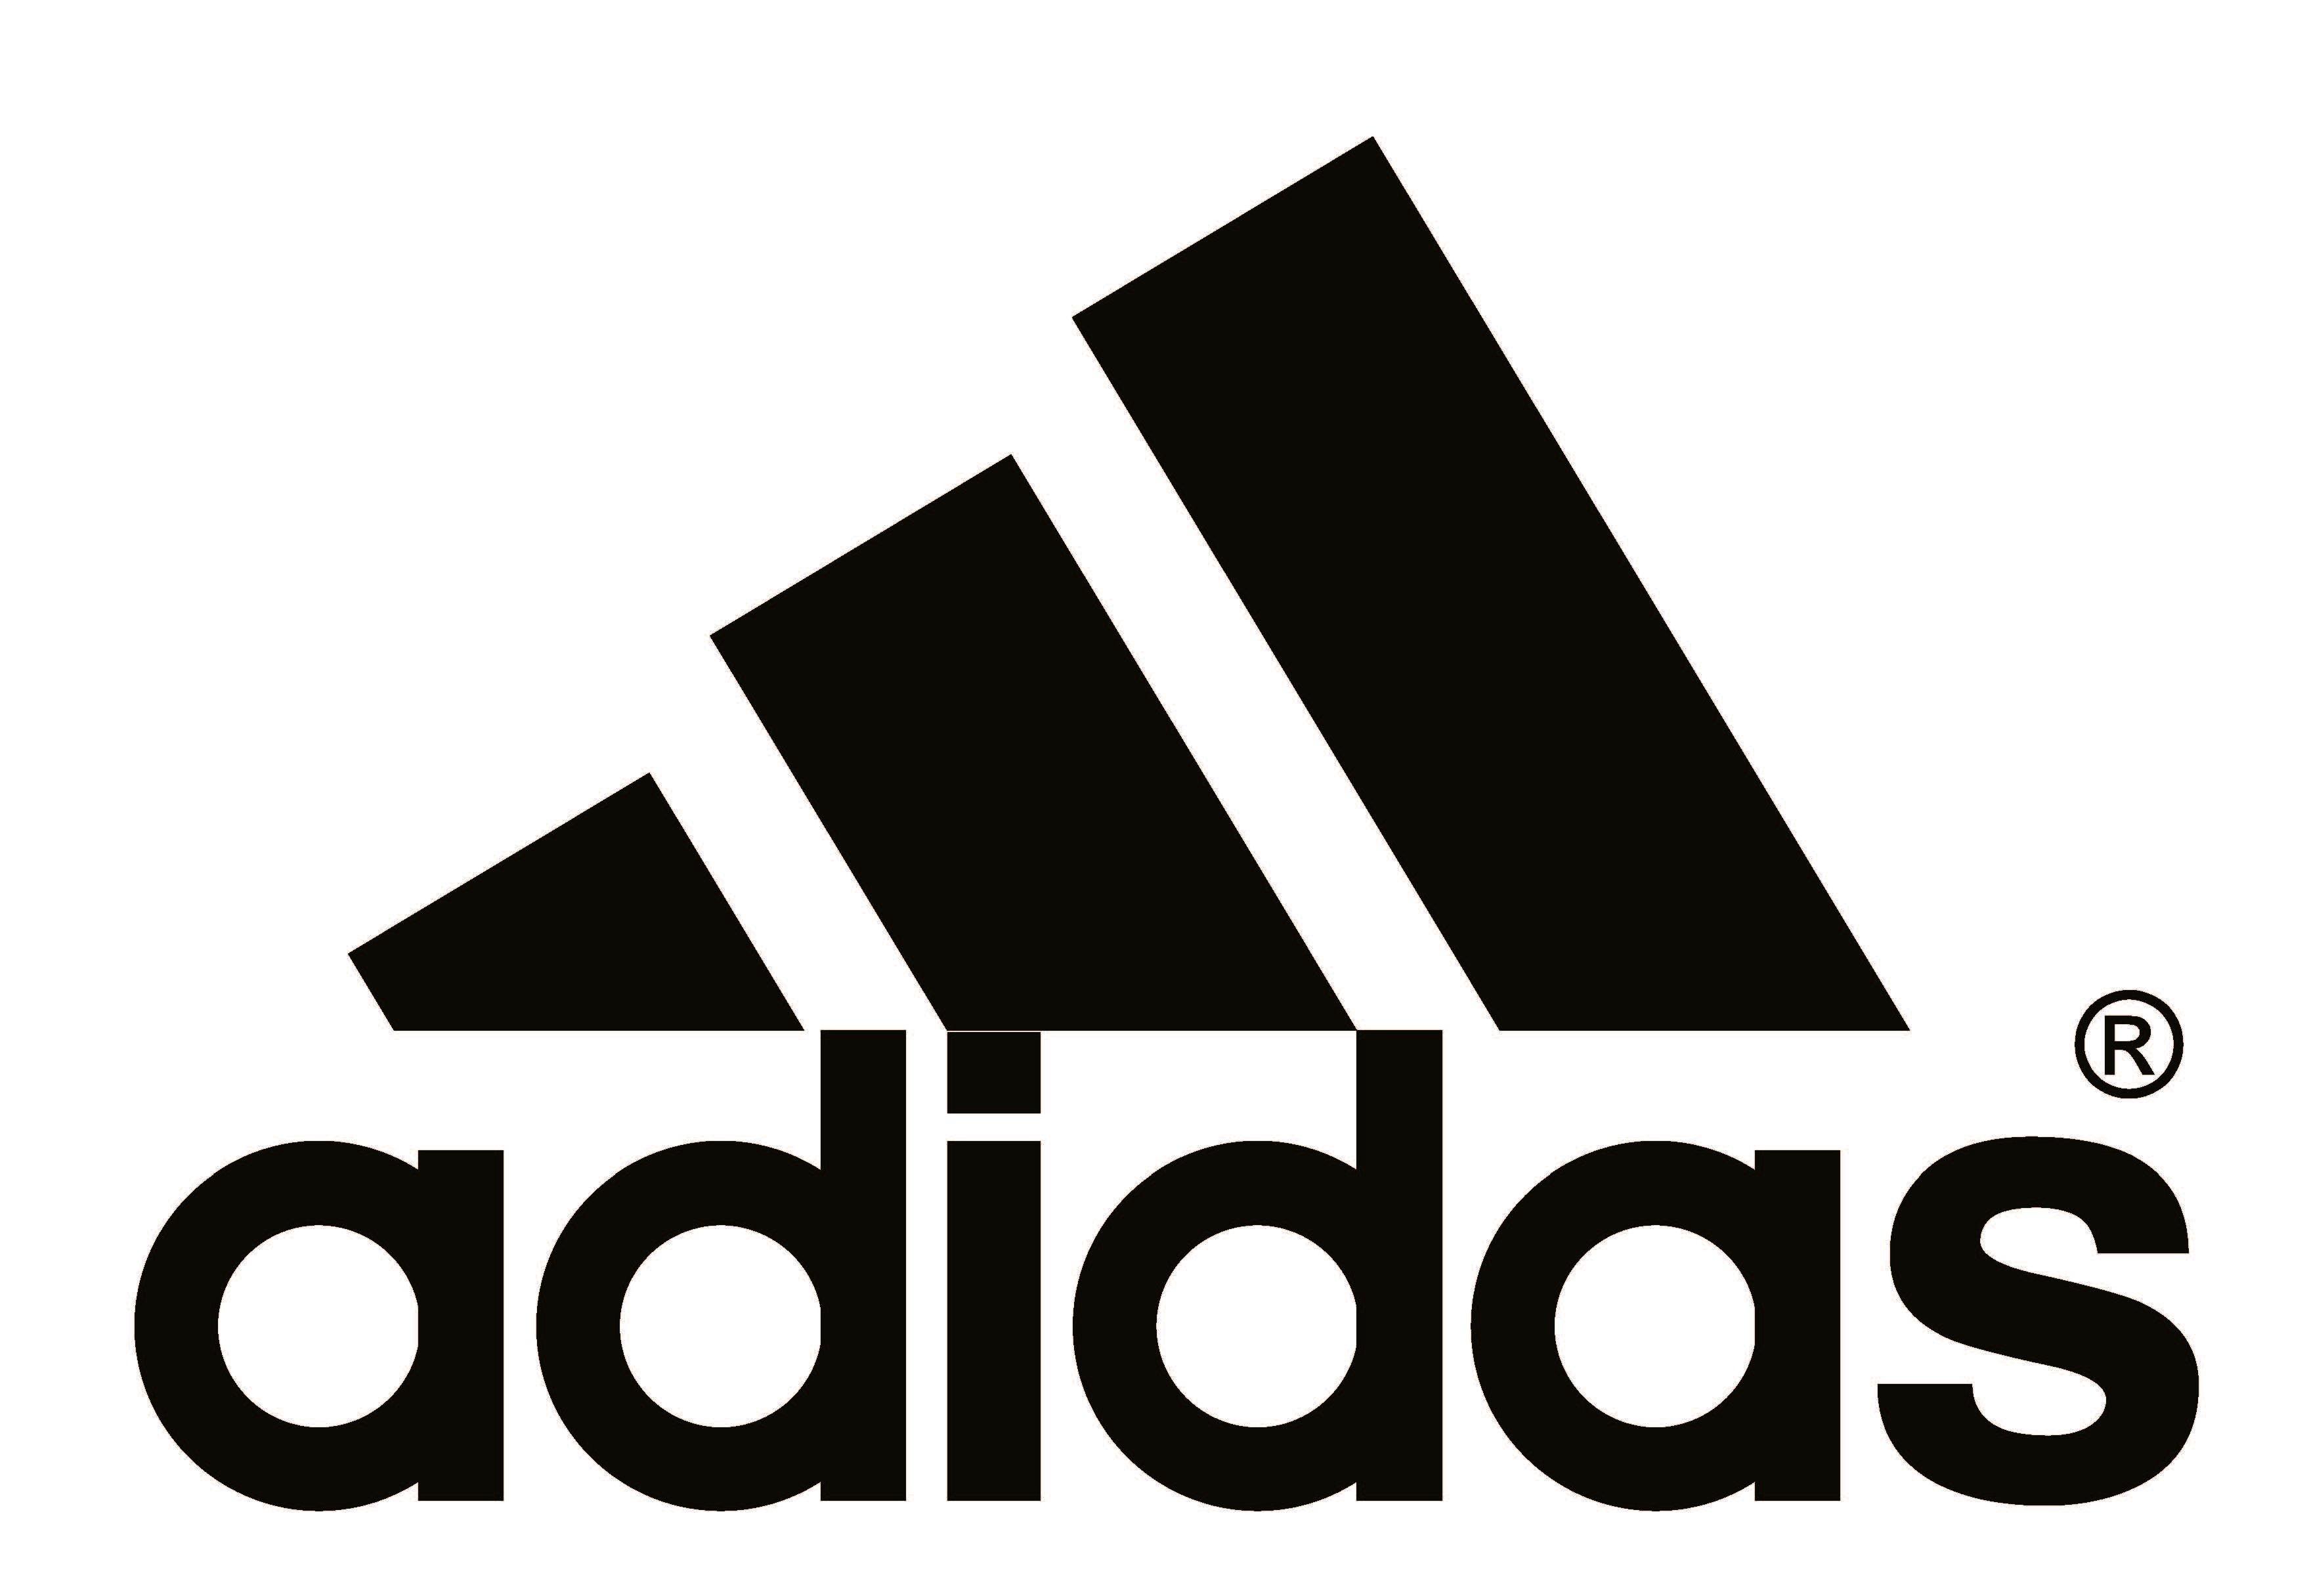 Significados ocultos en logotipos de algunas marcas famosas